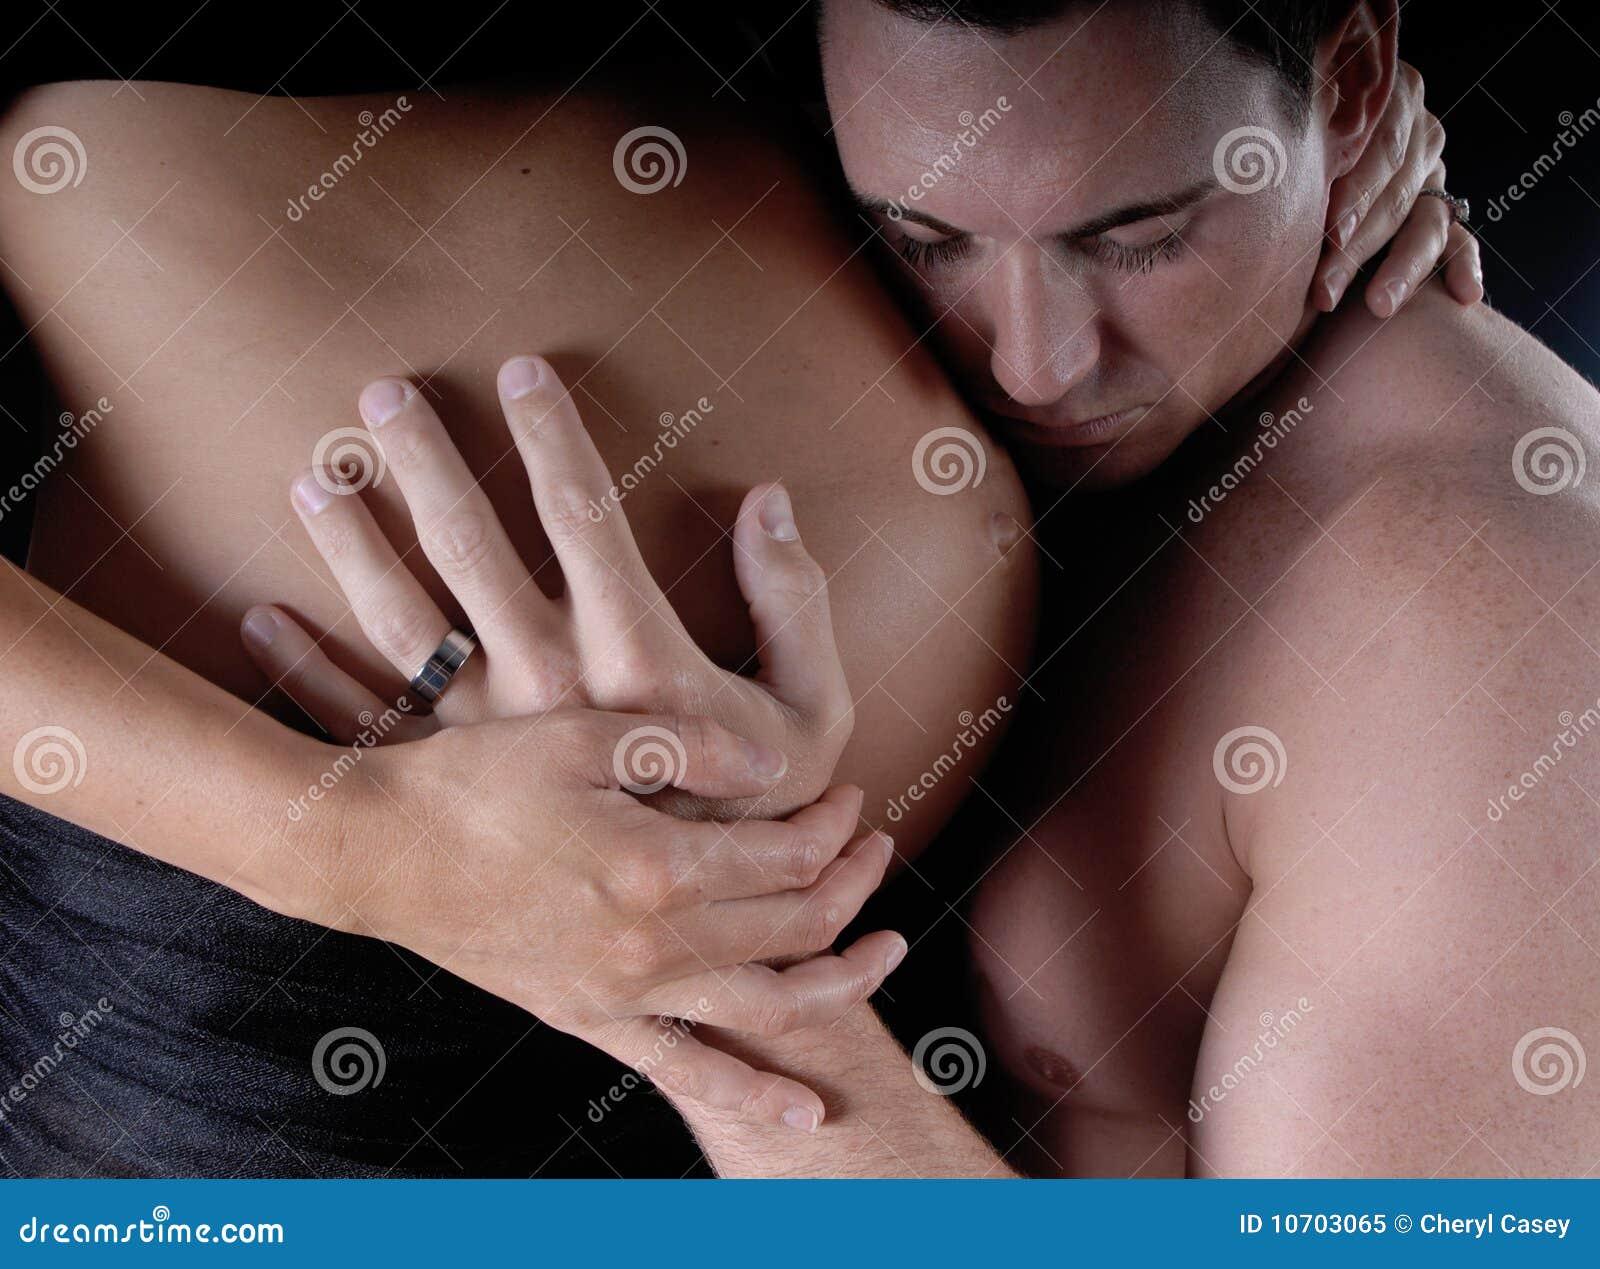 Член в руке женщины, Голые женщины с членами в руках (28 фото) 26 фотография